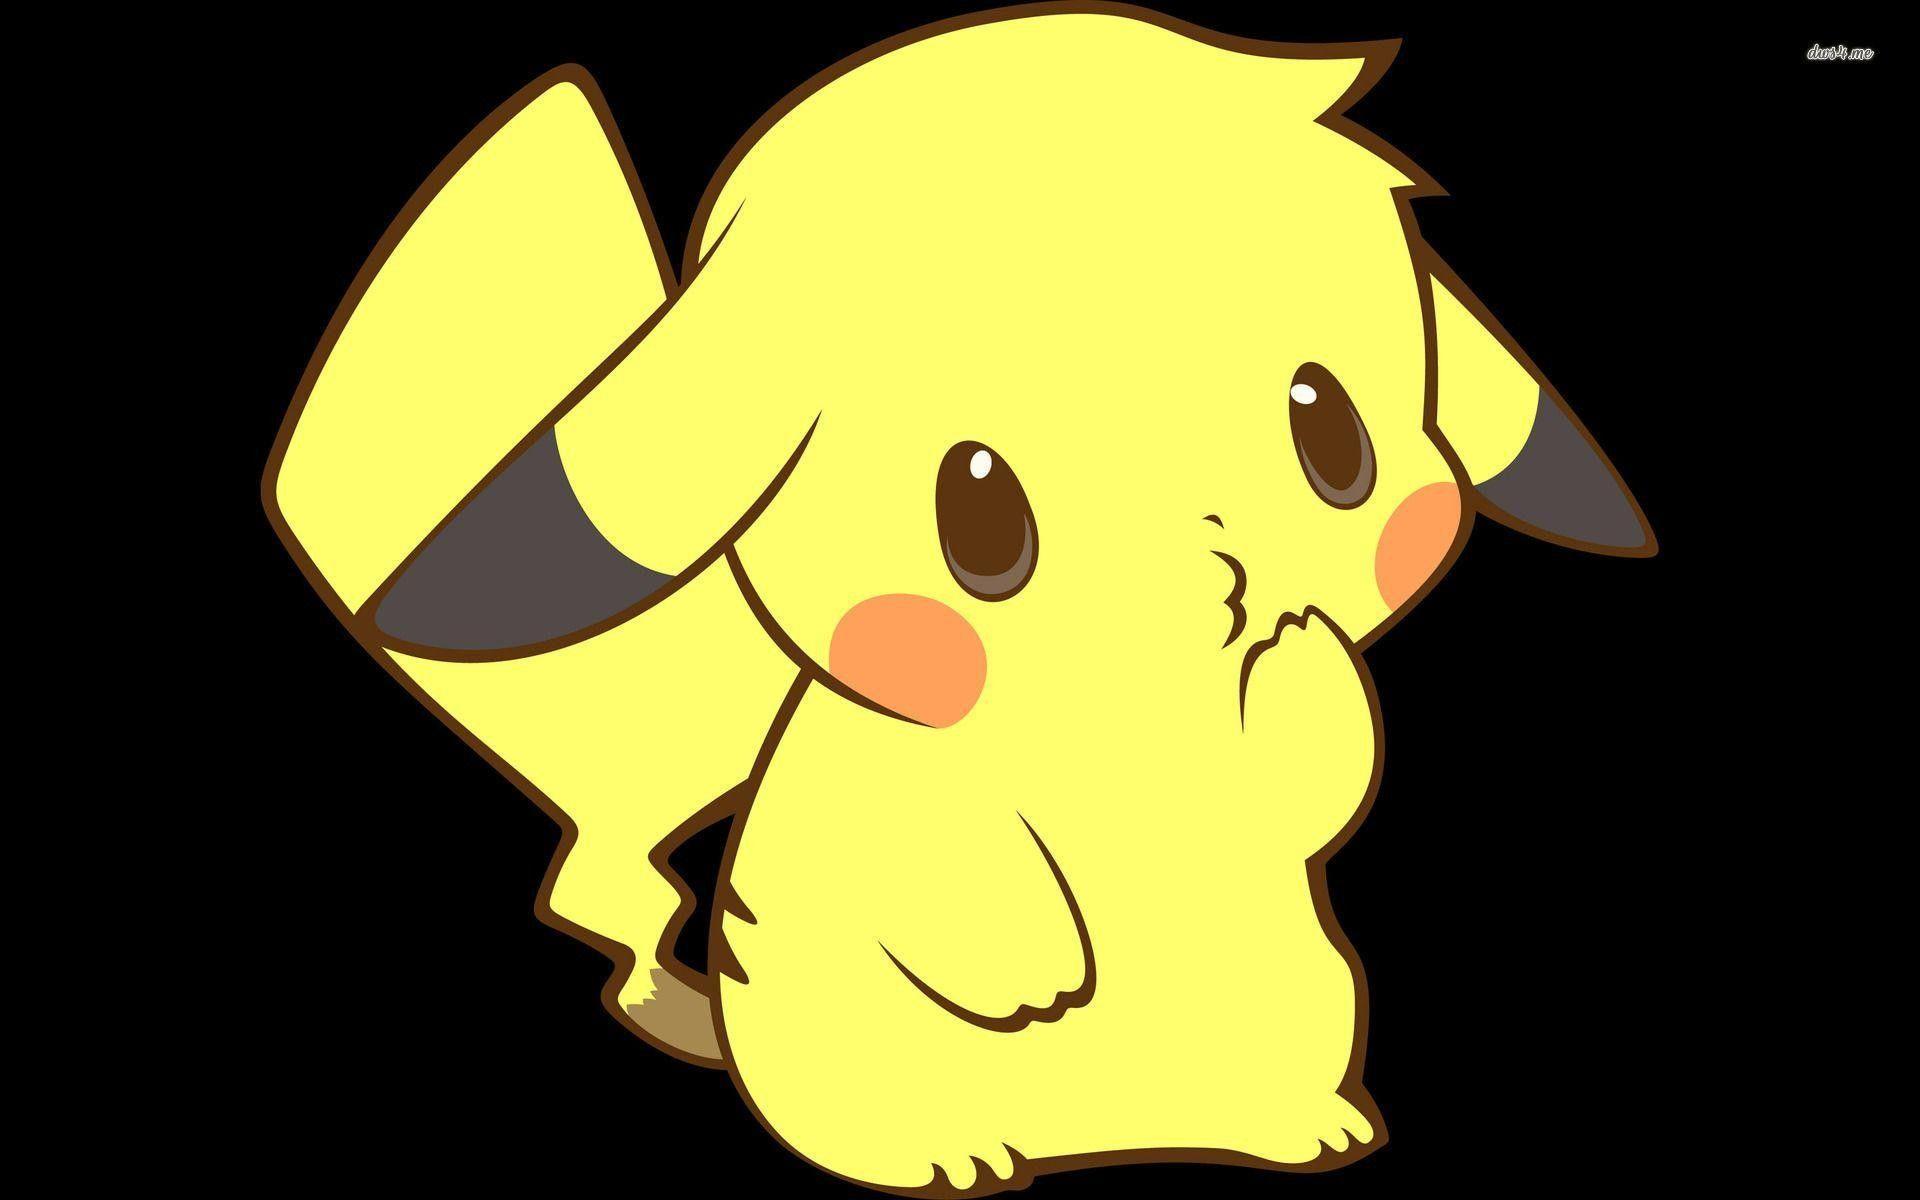 1920x1200 Hình nền Pikachu dễ thương nhất 1920x1200 Hình nền WTG200216203